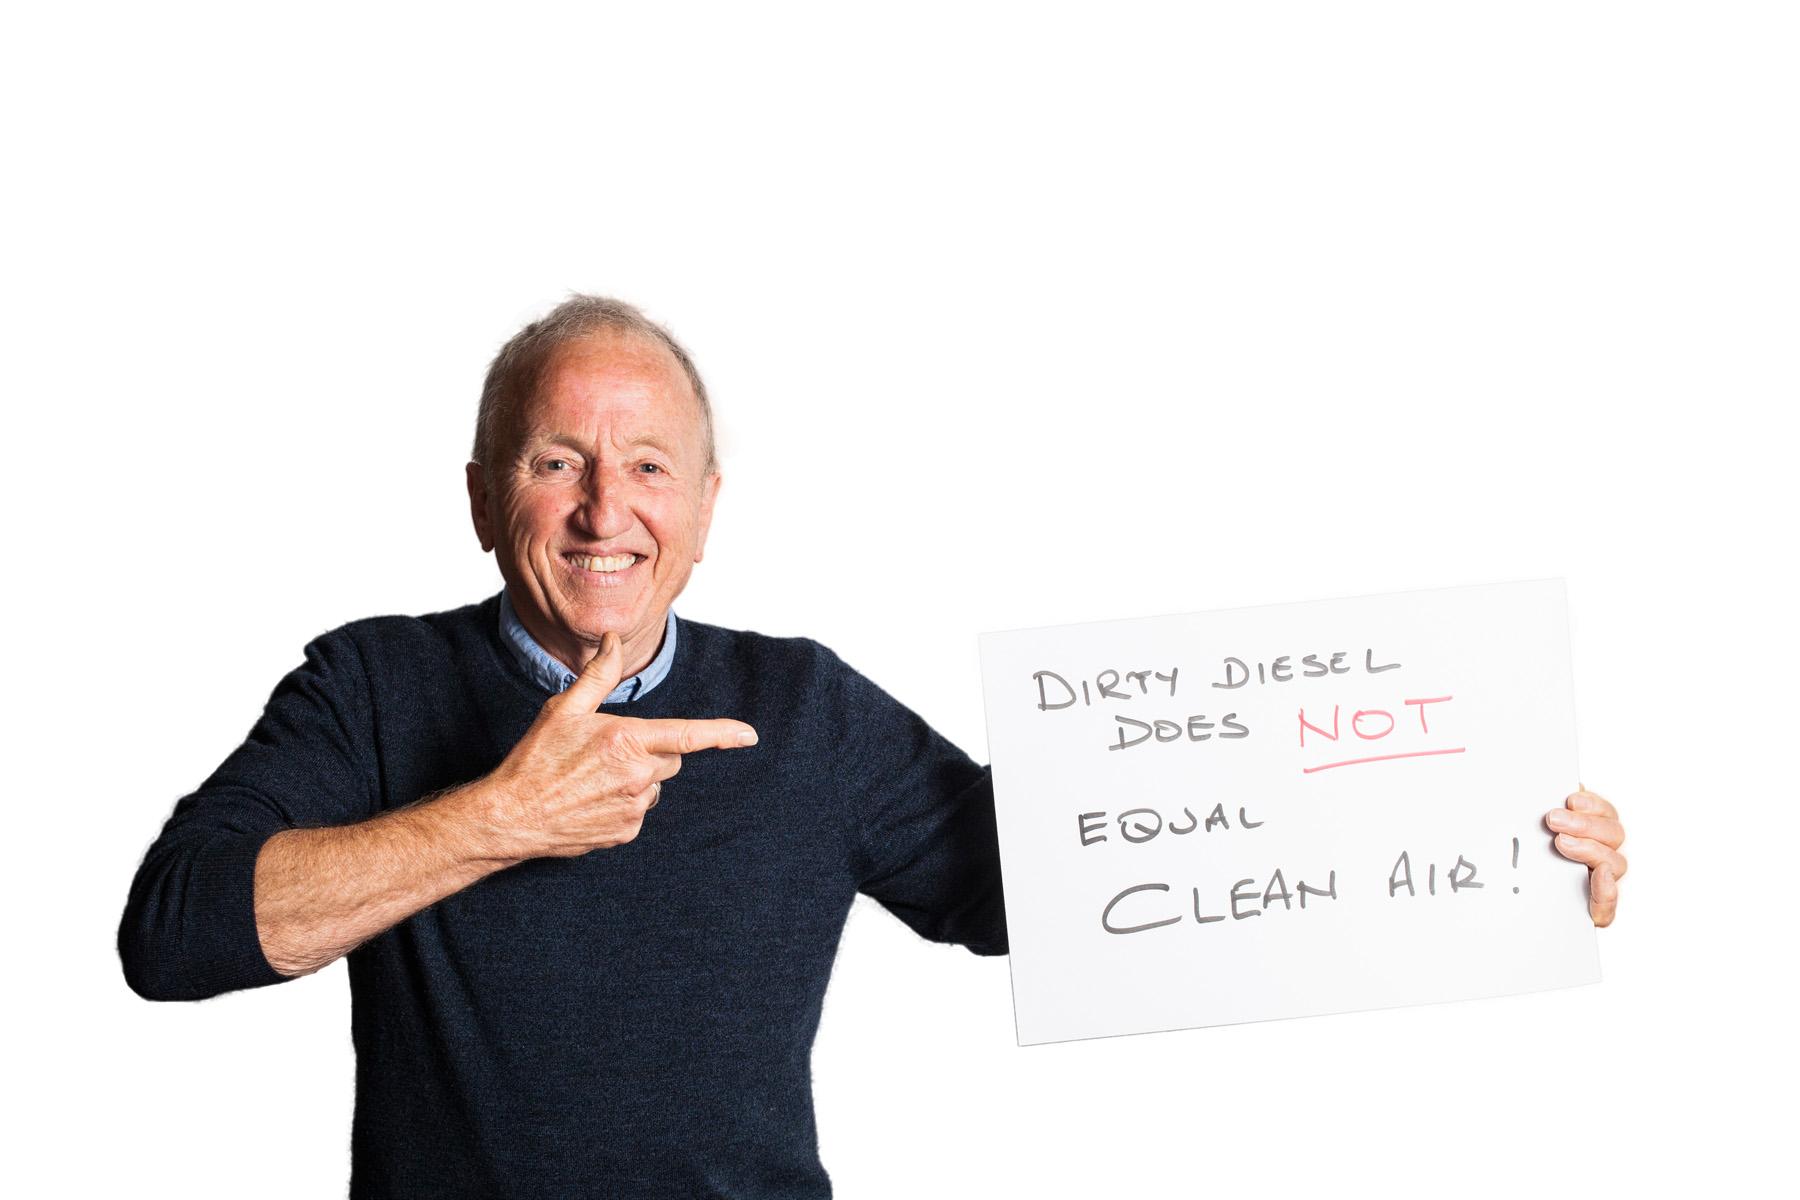 clean_air_dirty_diesel_not_equal.jpg